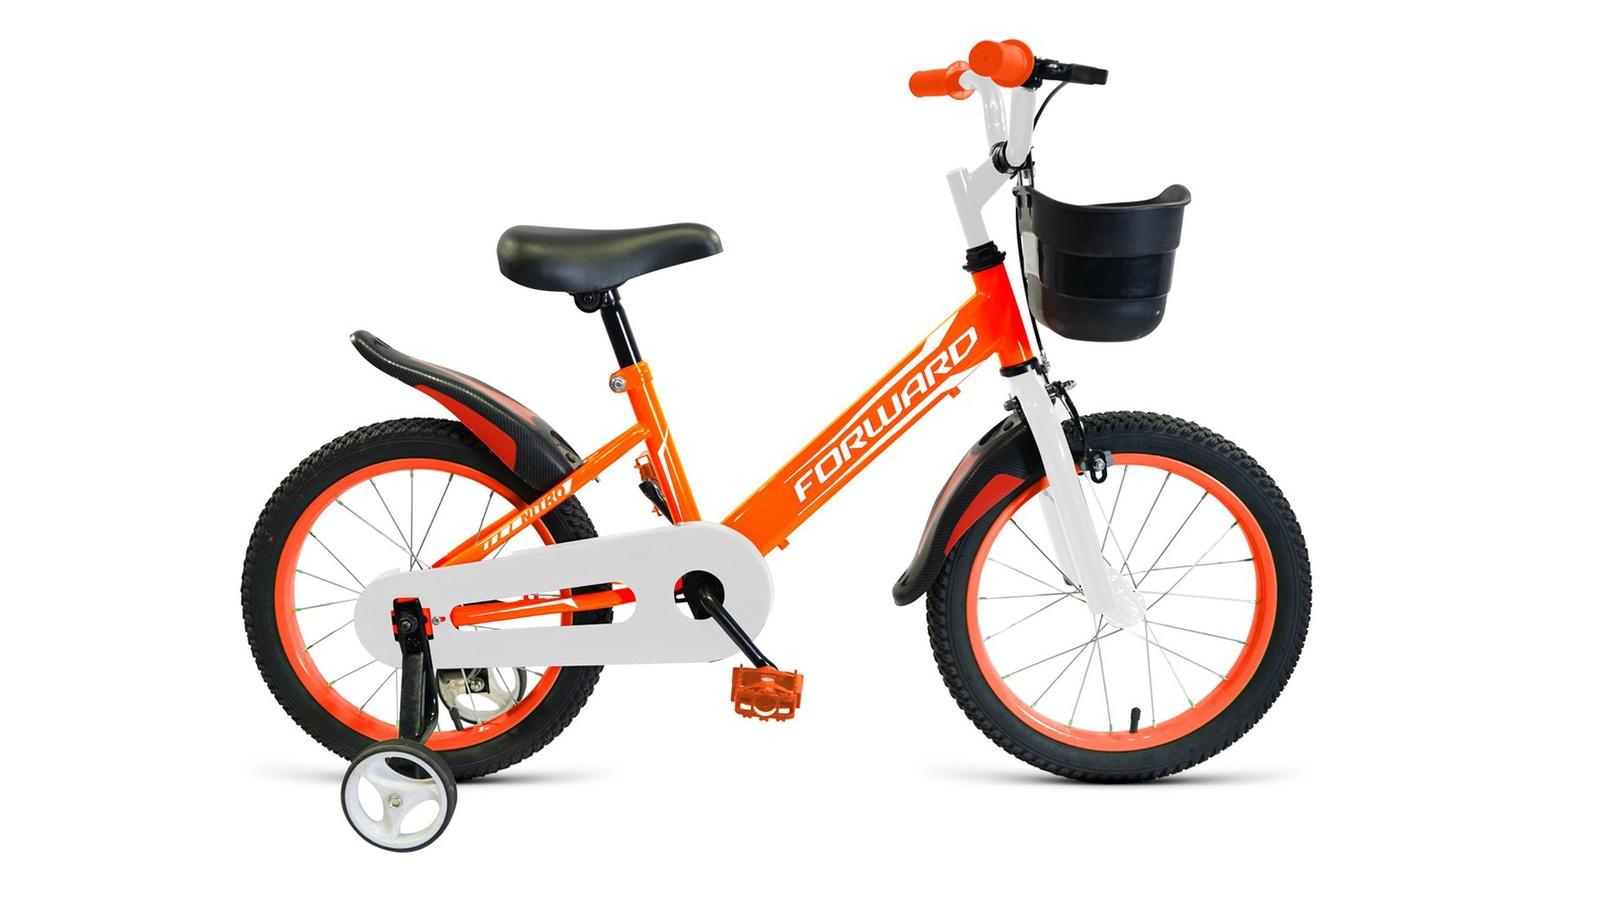 Велосипед Forward Nitro 18, оранжевый, белый велосипед forward nitro 14 2019